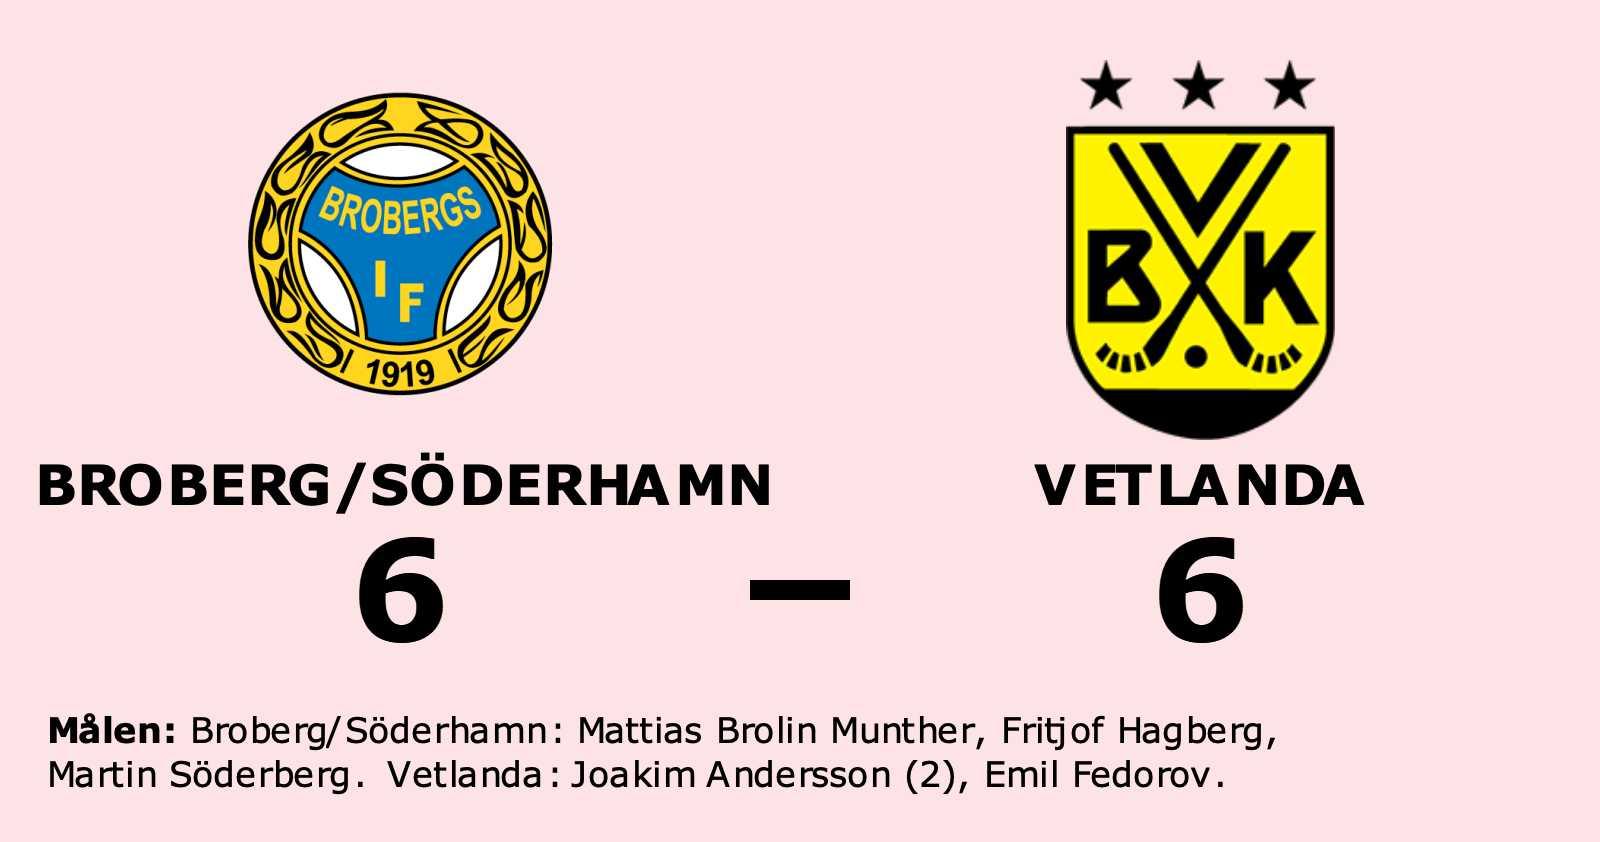 Broberg/Söderhamn kryssade mot Vetlanda